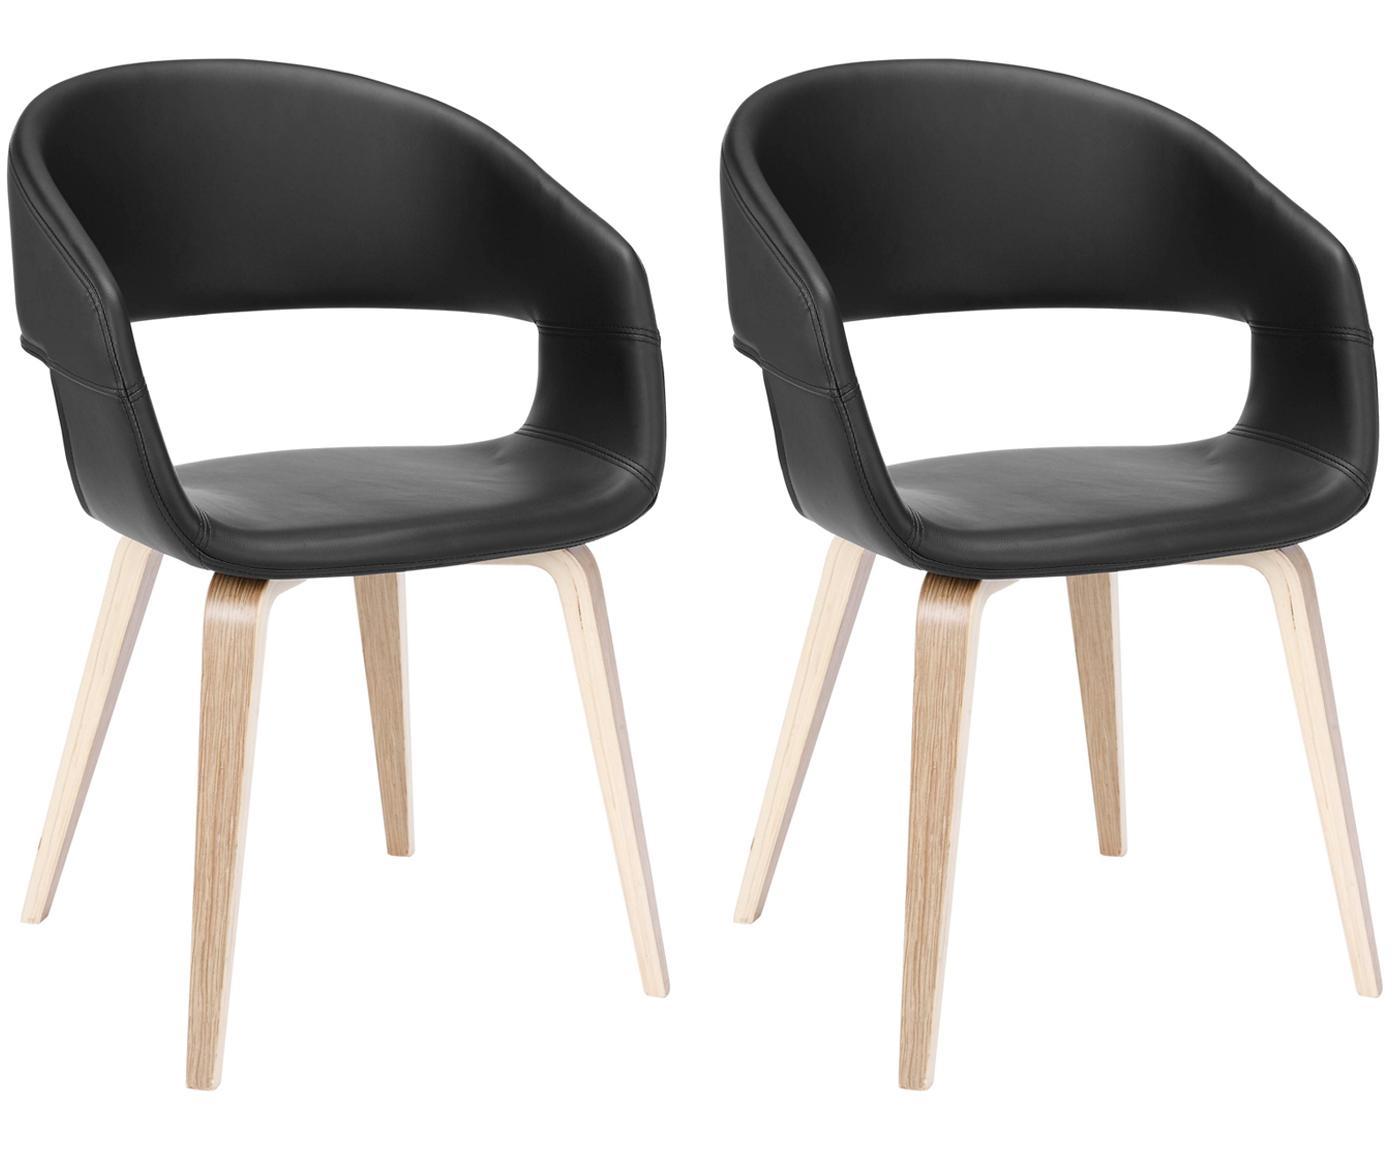 Kunstleder-Armlehnstühle Nova, 2 Stück, Beine: Eichenschichtholz, weiß g, Bezug: Kunstleder (Polyurethan), Schwarz, Eiche, B 50 x T 55 cm